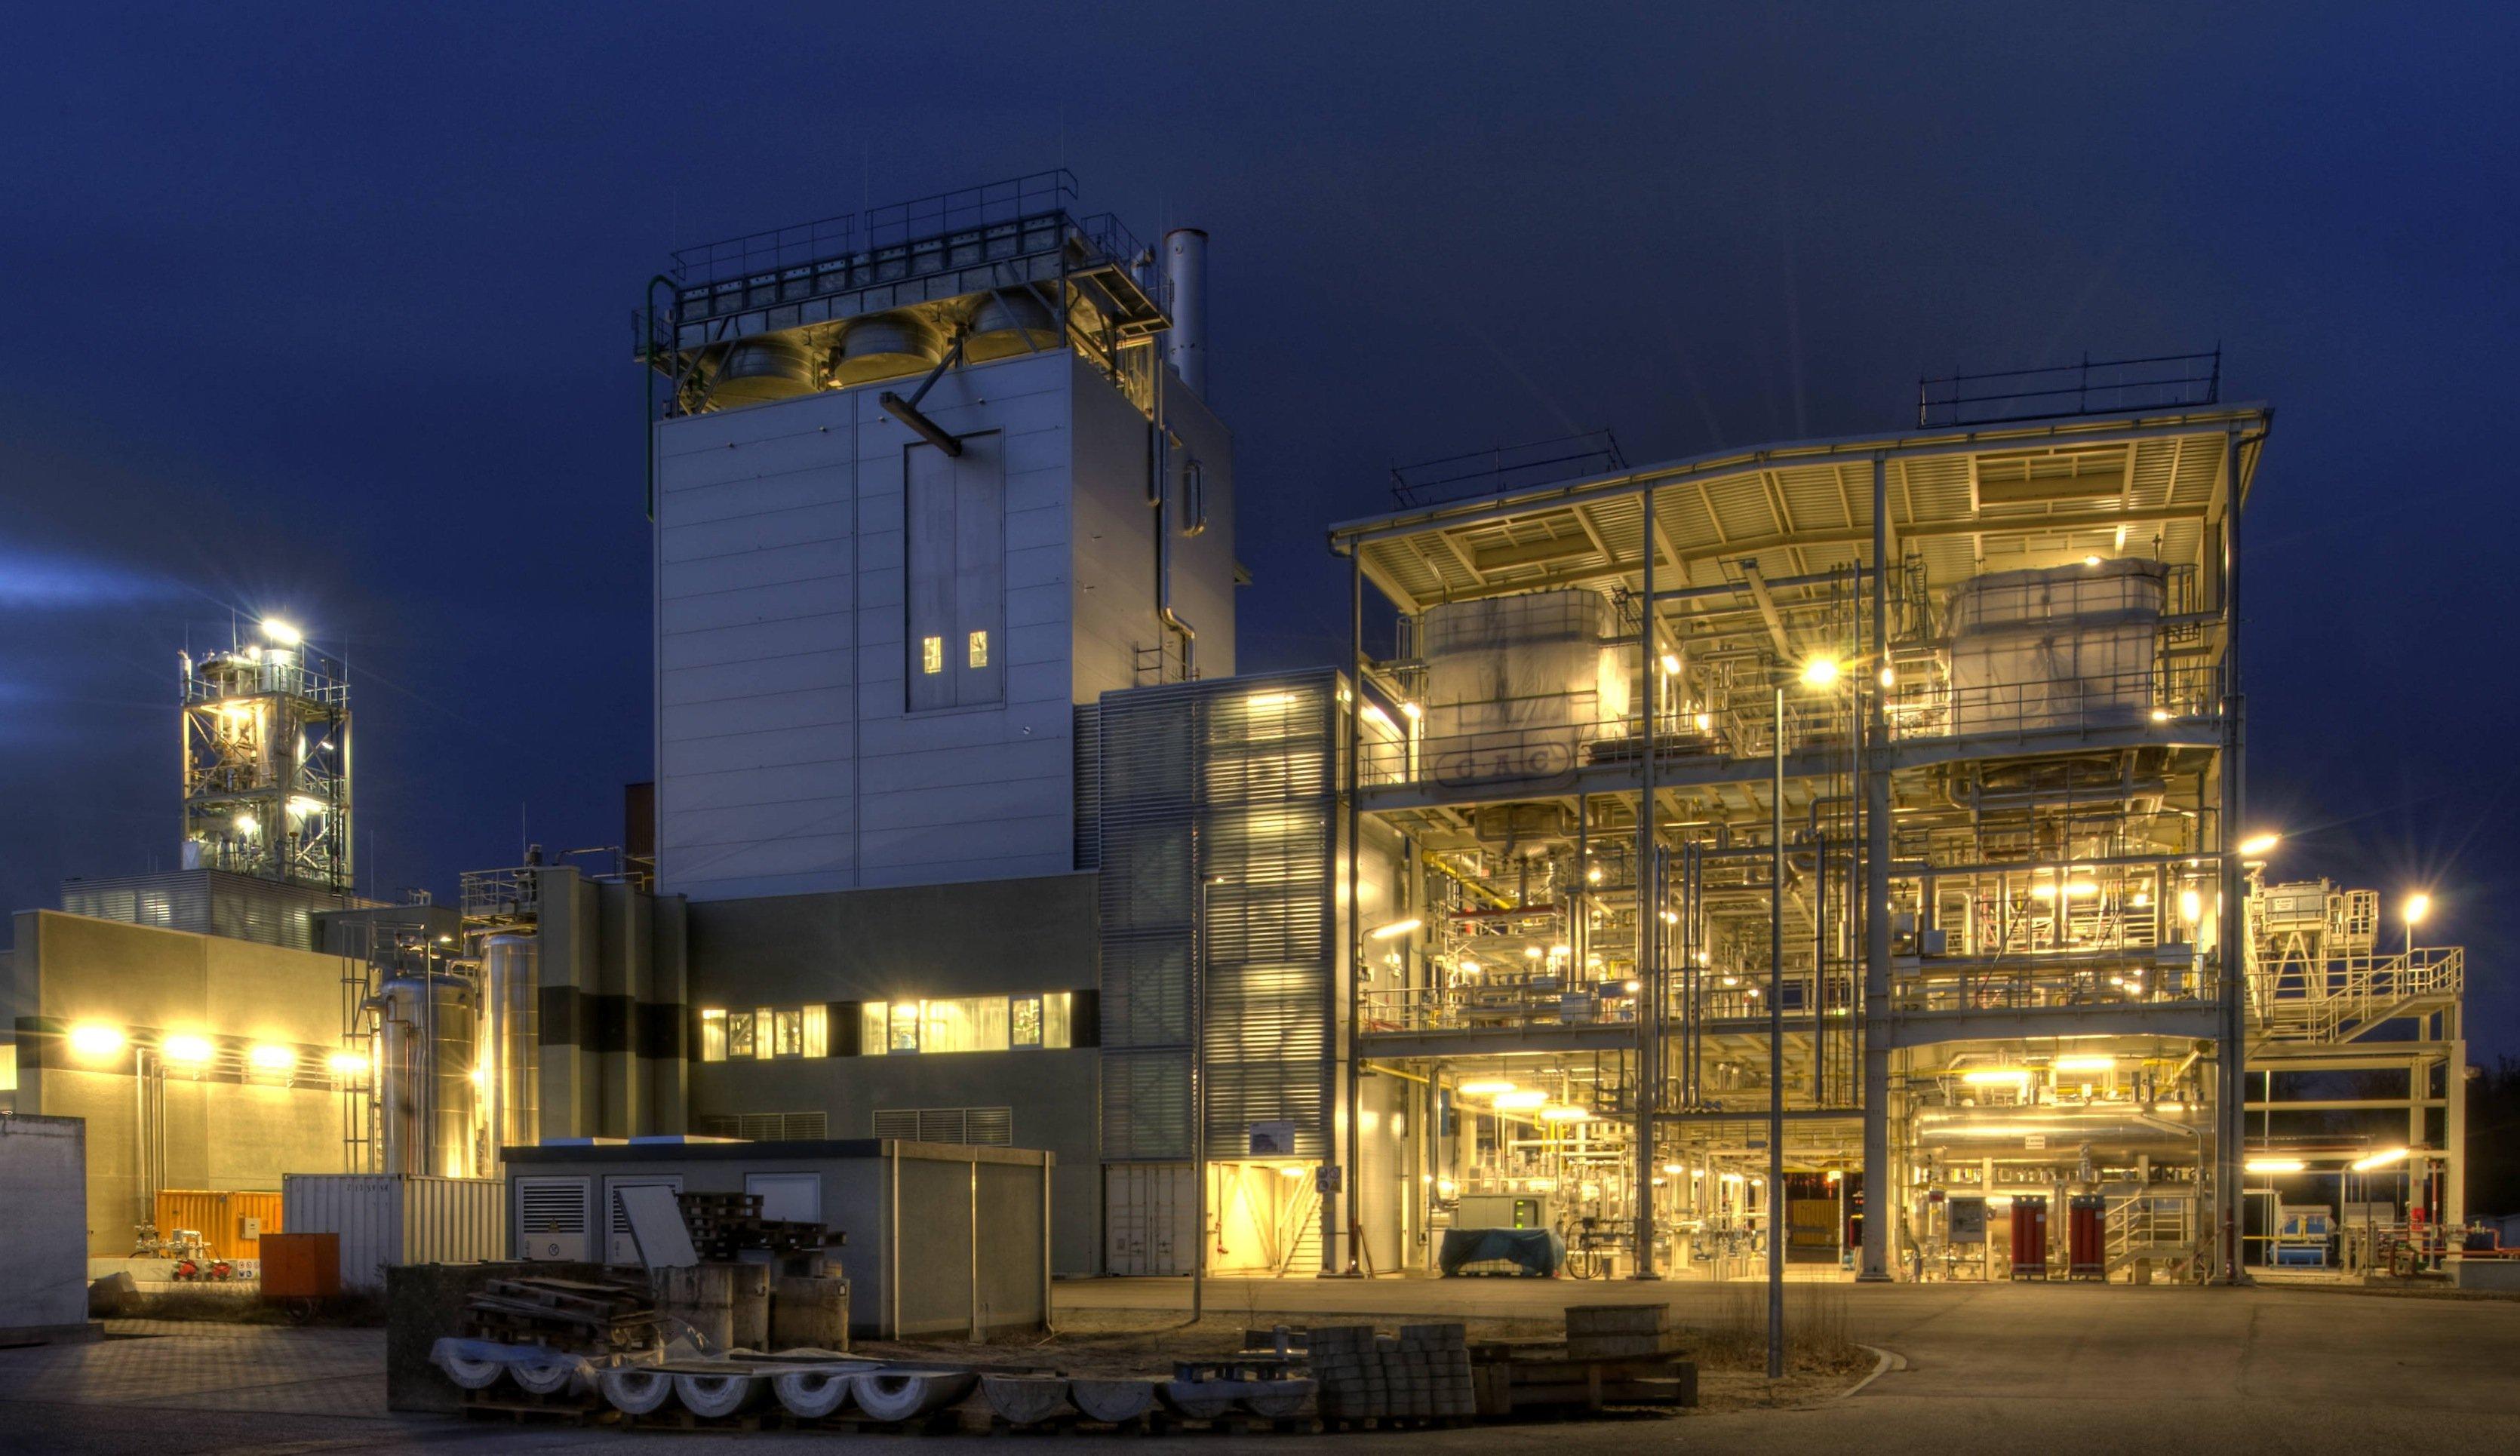 Die Pilotanlage am KIT in Karlsruhe soll nach ihrer Erprobung auch kommerziell eingesetzt werden.